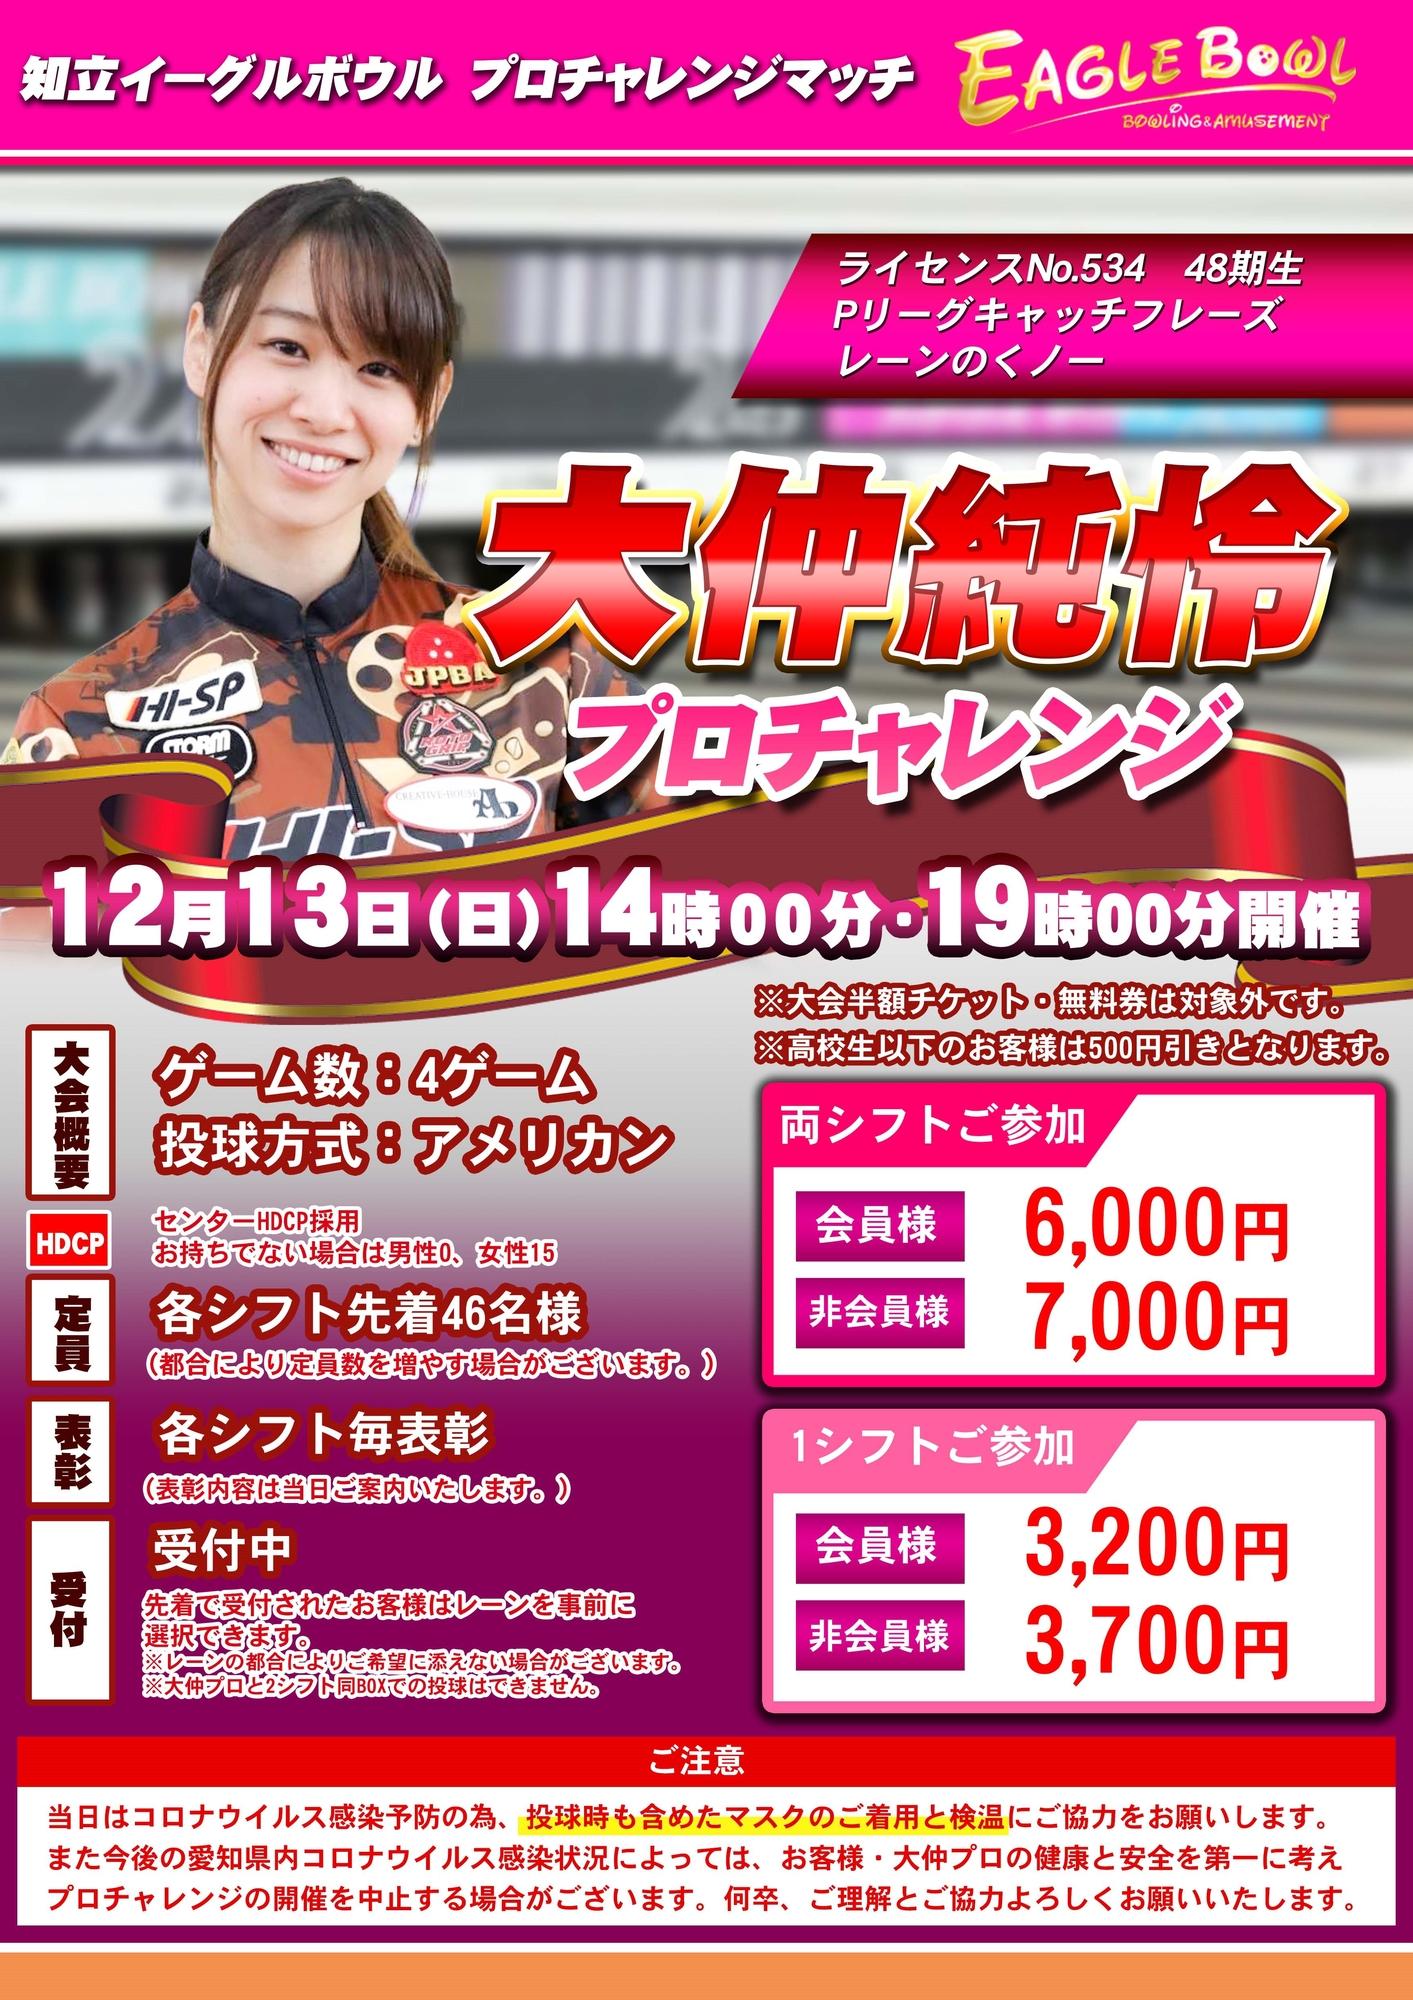 12/13 大仲純怜プロチャレンジ